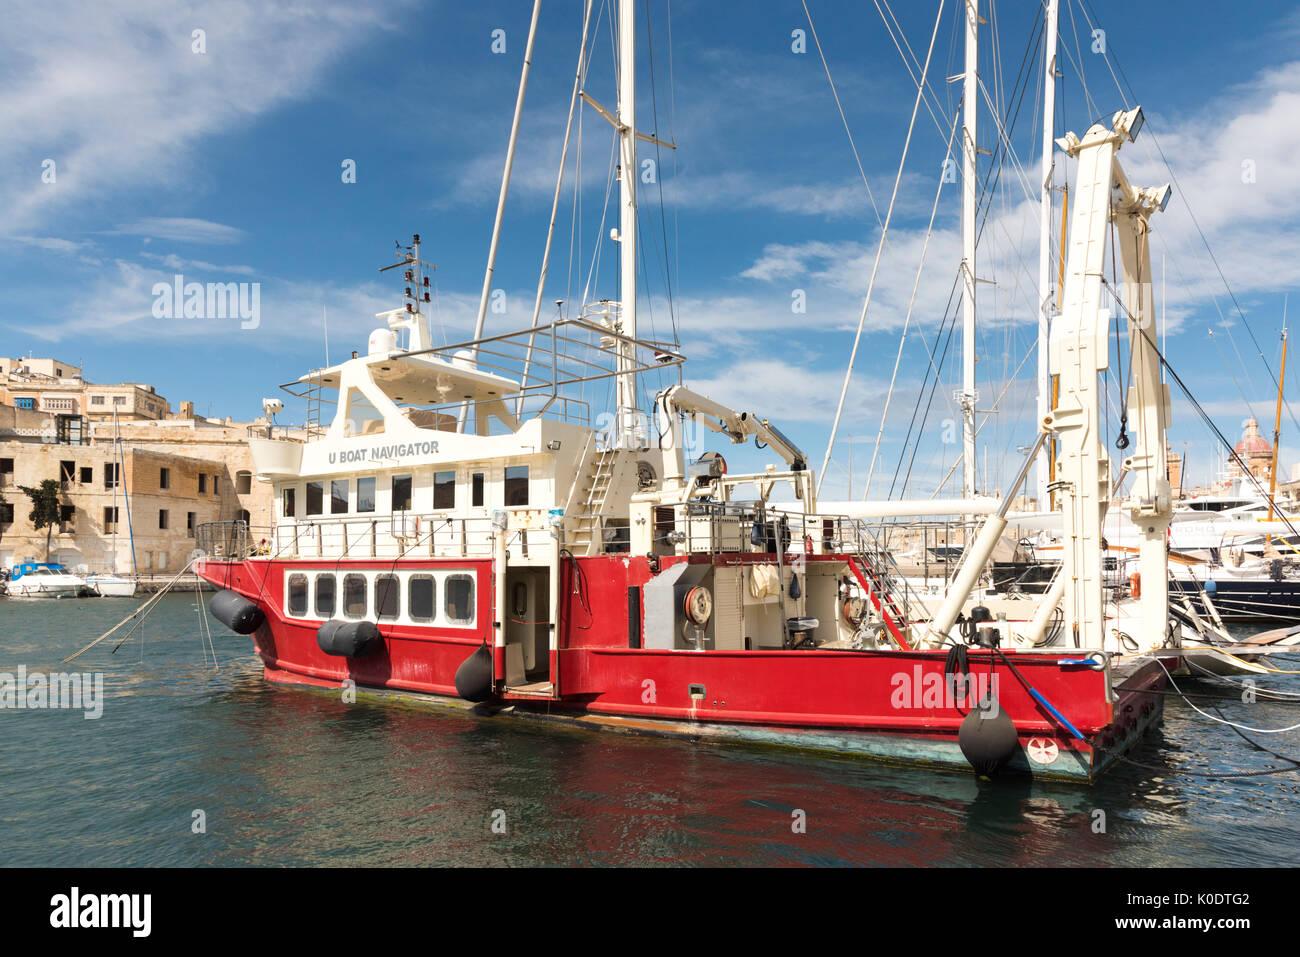 Le U boat Navigator un navire de soutien de plongée amarré dans le Grand Port à Birgu Malte Photo Stock